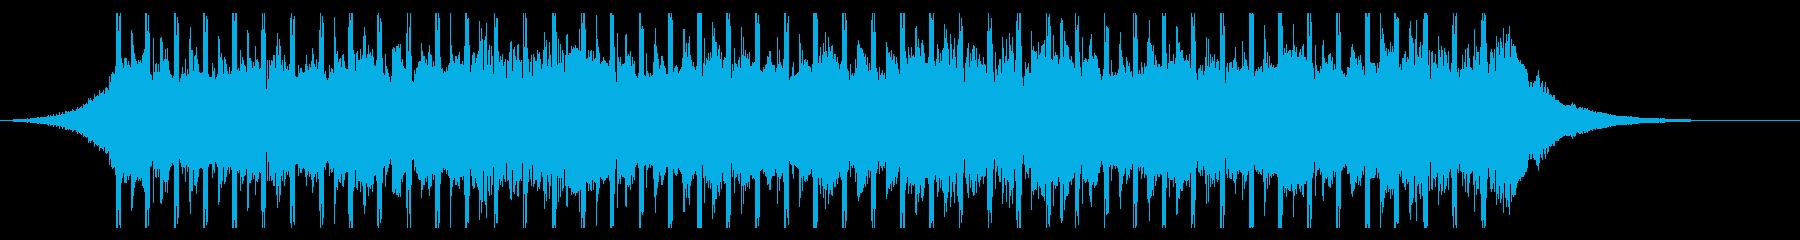 あなたの中のモチベーション(30秒)の再生済みの波形